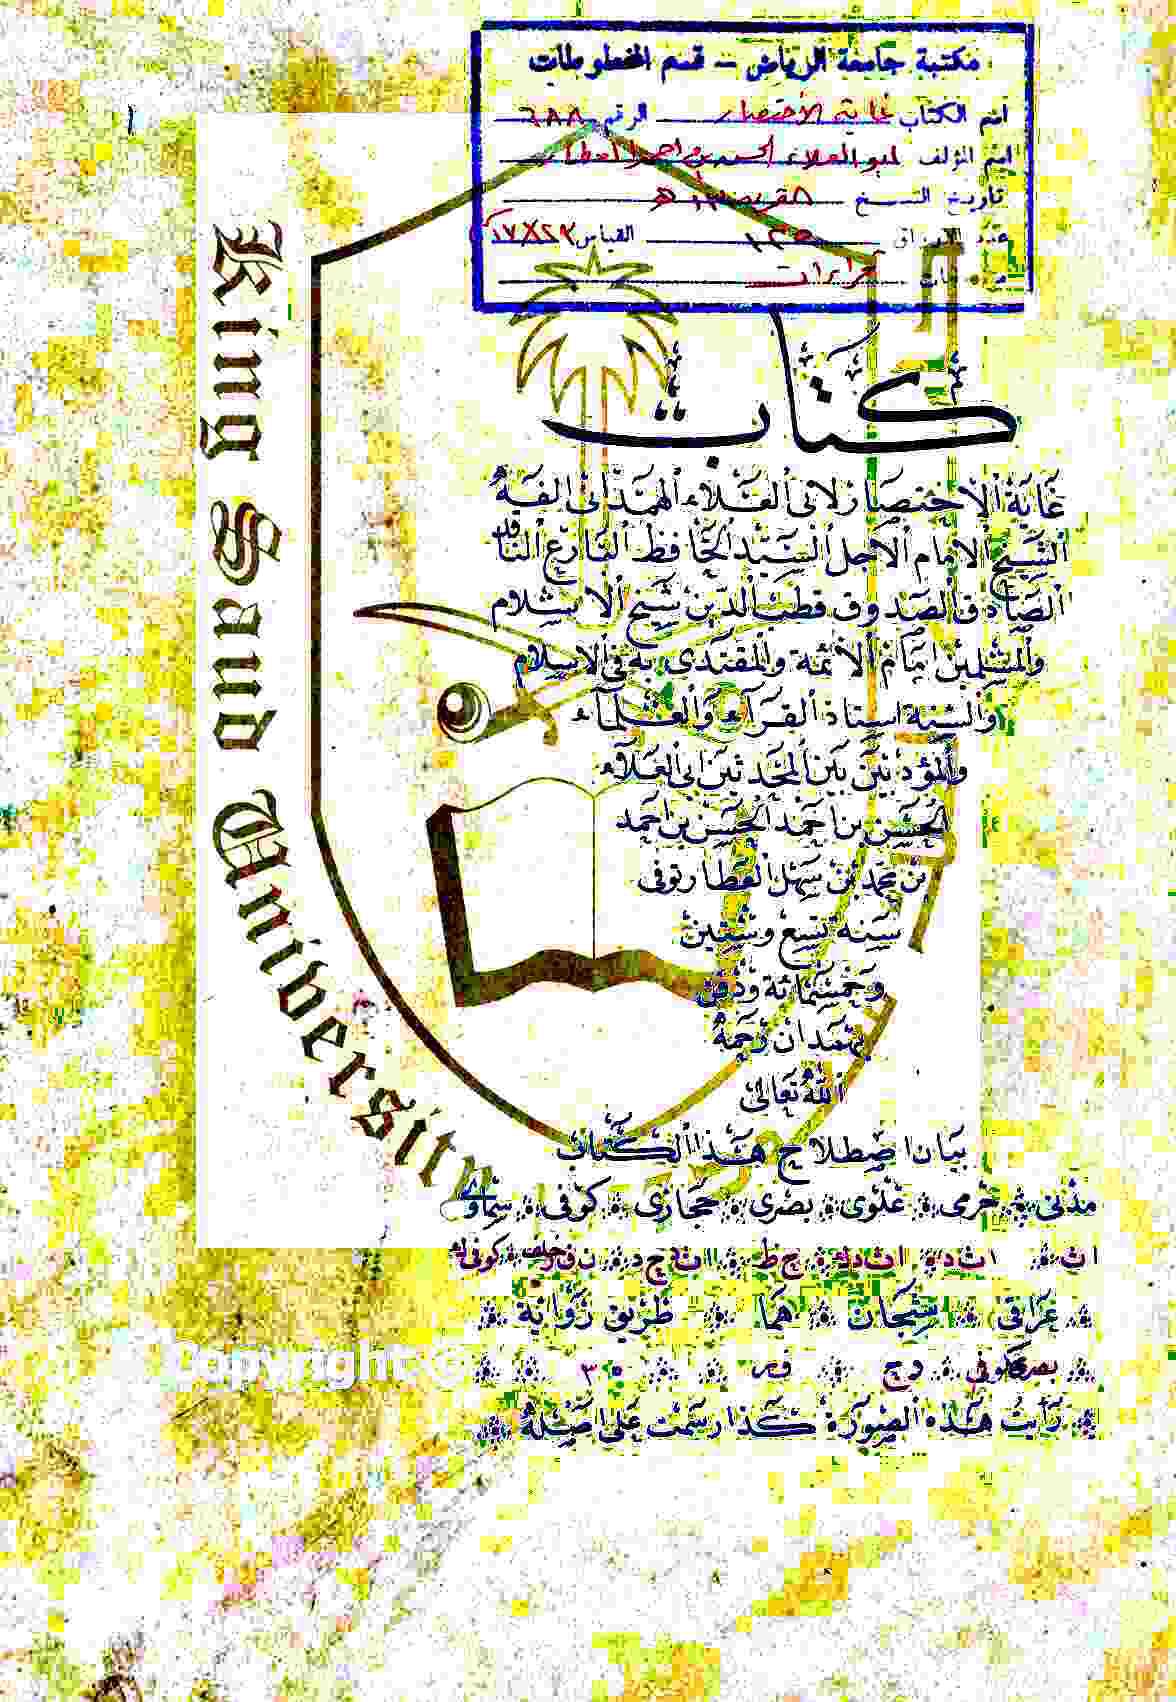 غاية الاختصار في قراءات العشرة أئمة الأمصار - أبو العلاء الحسن بن أحمد بن الحسن بن أحمد العطار الهمذاني (ت 569)